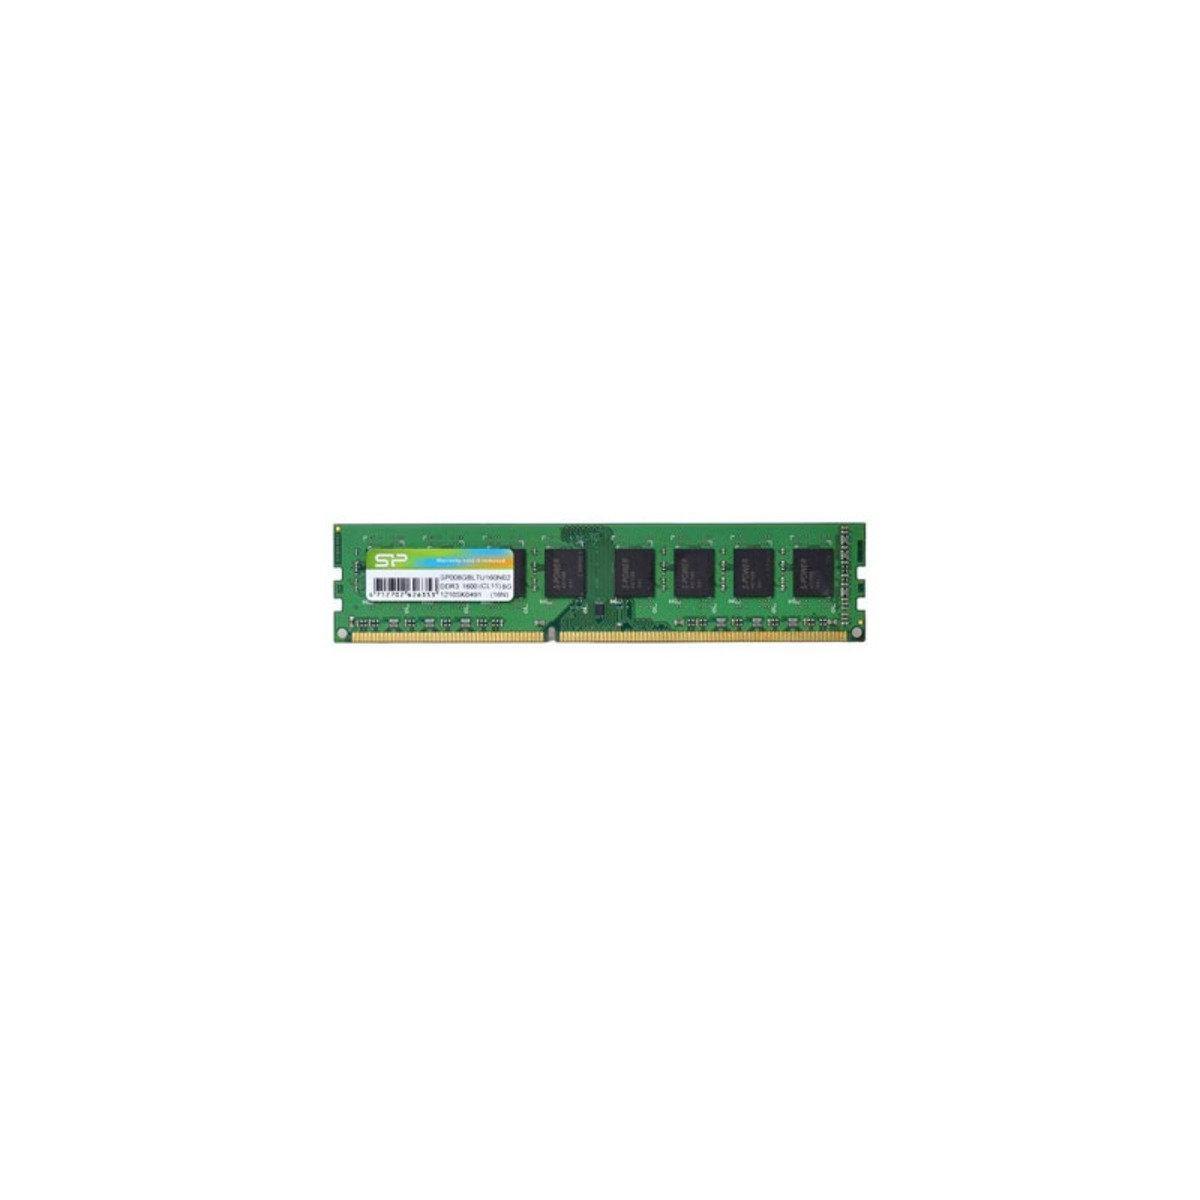 桌上型記憶體 單條 DDR3-1600 8GB SP004GLLTU160N02